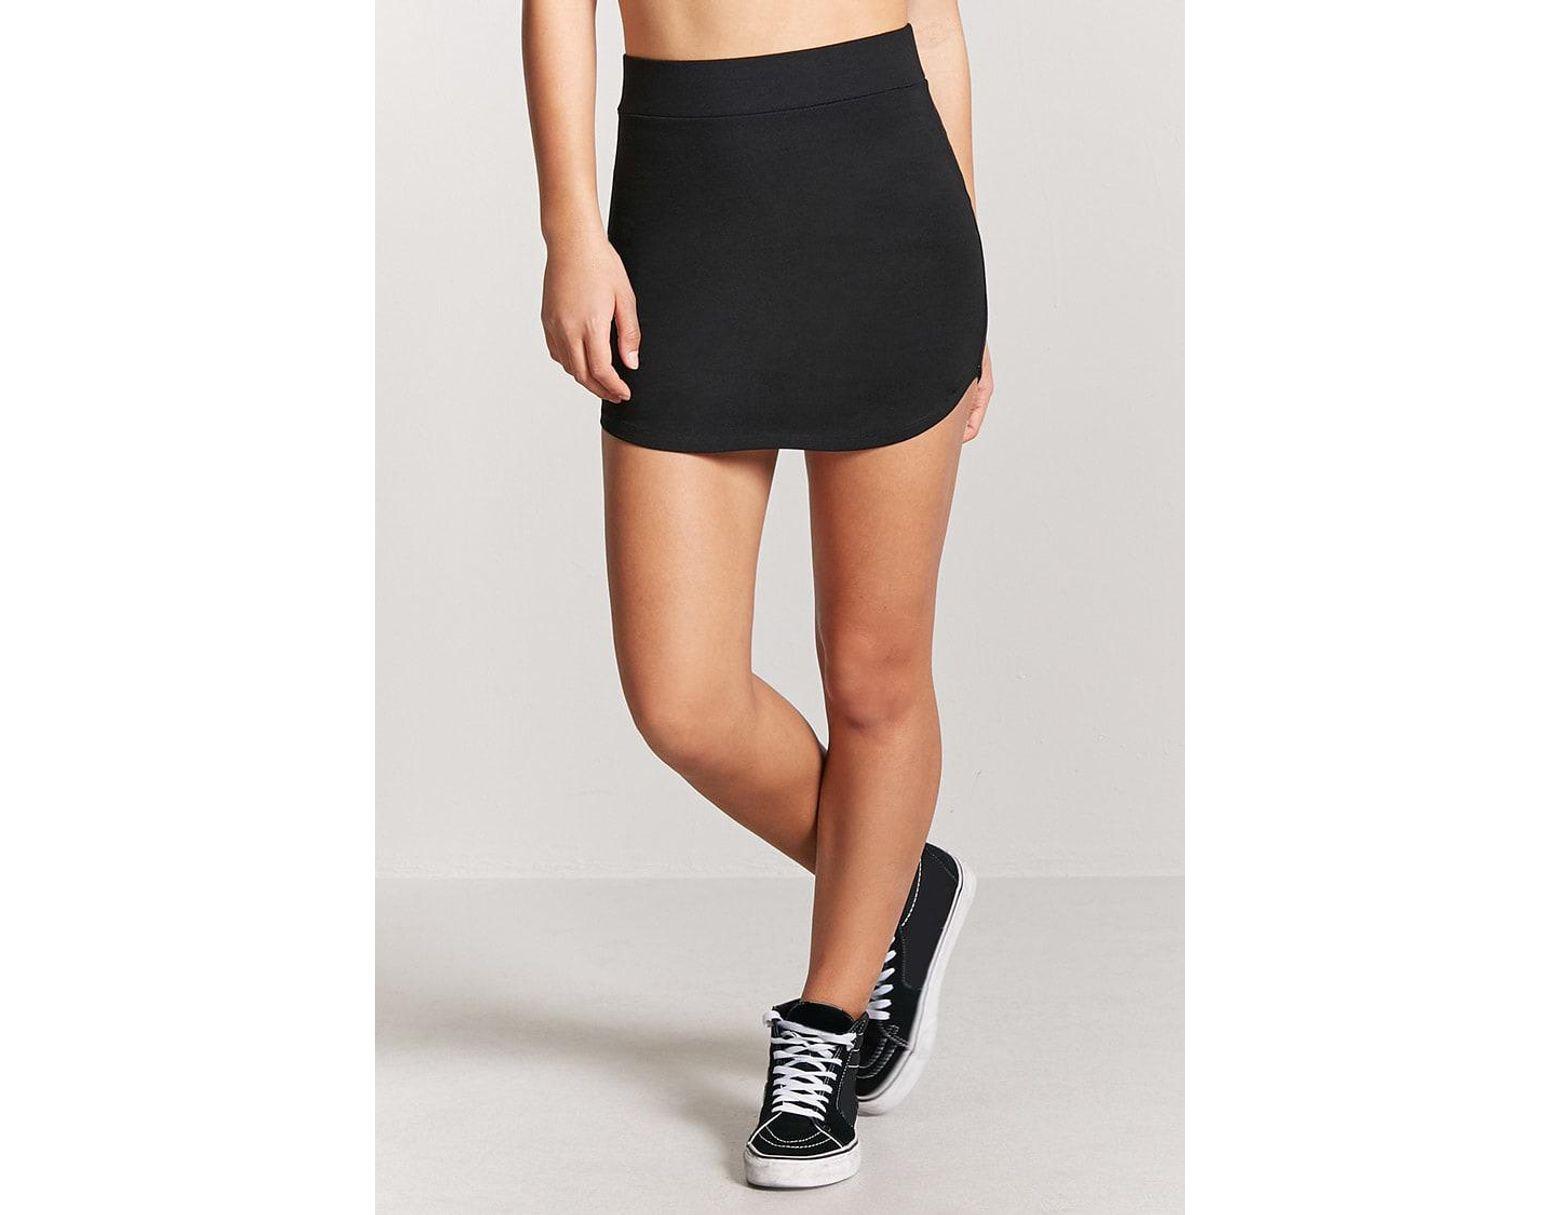 0e24fb49b Minifalda bajo curvado de mujer de color negro